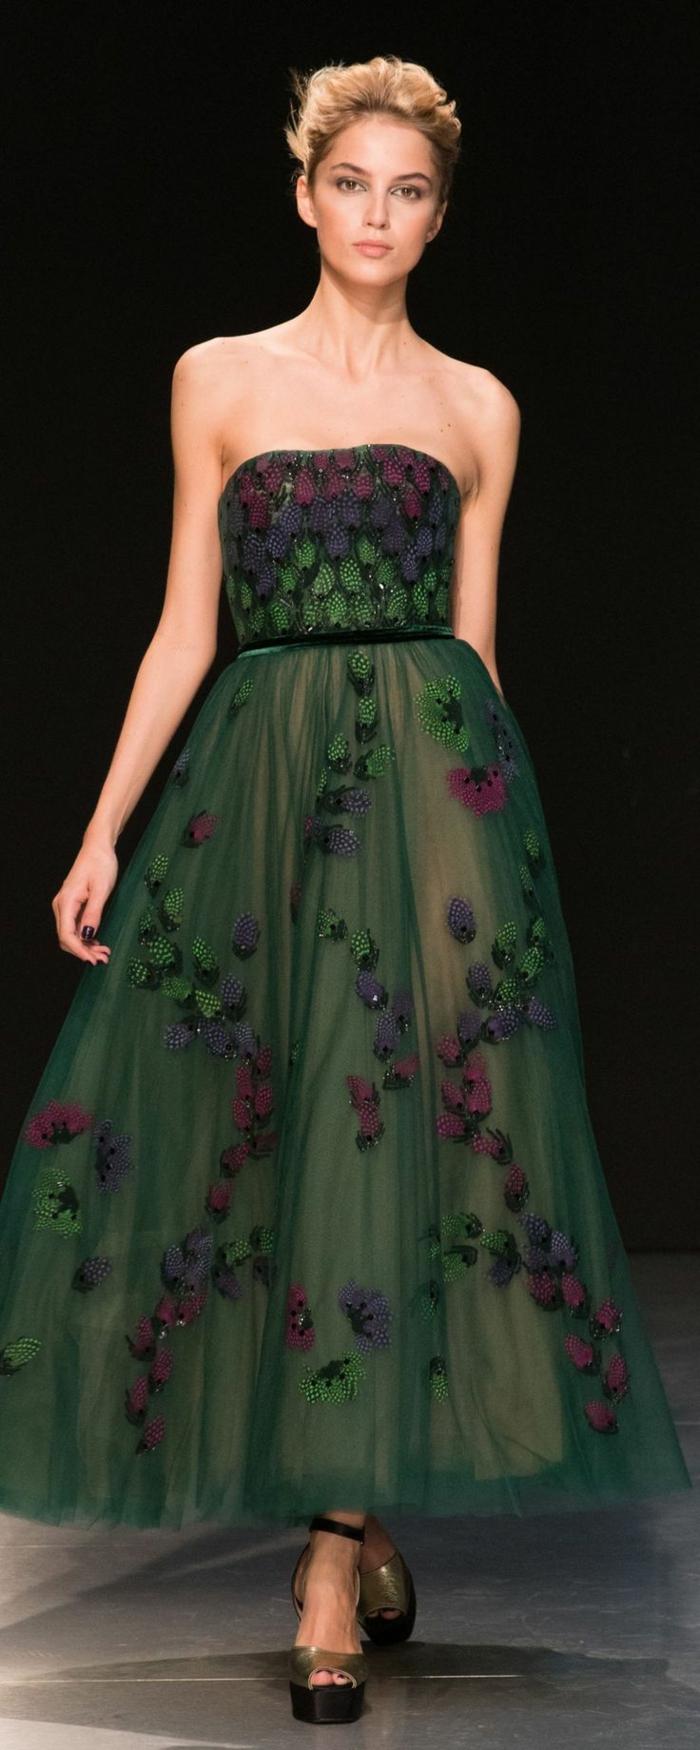 langes dunkelgrünes schulterfreies Kleid mit schmalem schwarzen Gürtel und vielen blauen, lila und grünen Applizierungen, kombiniert mit Plattformsandalen in Goldfarbe